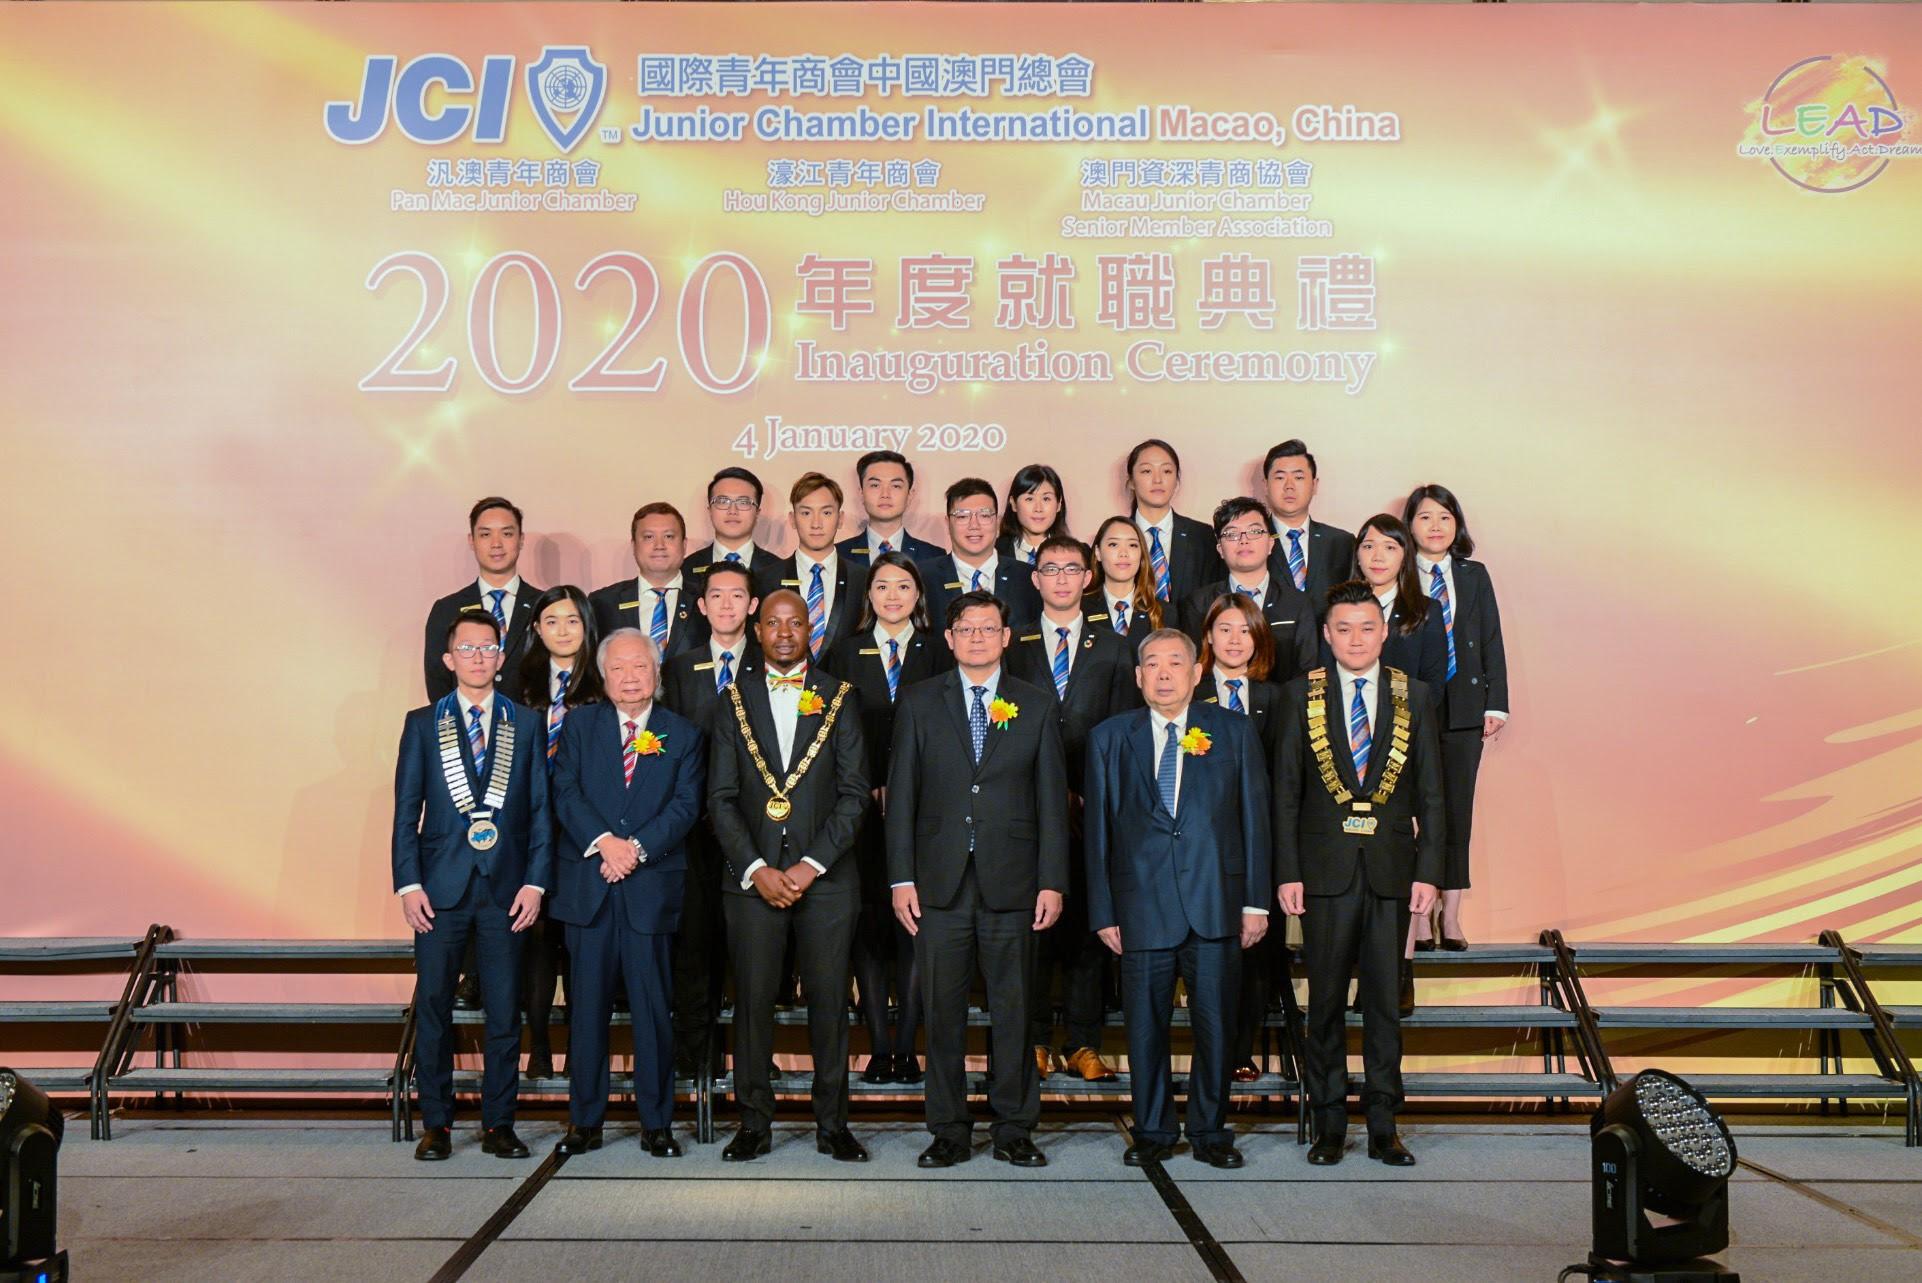 恭賀澳門濠江青年商會2020年董事局成員順利舉行就職典禮